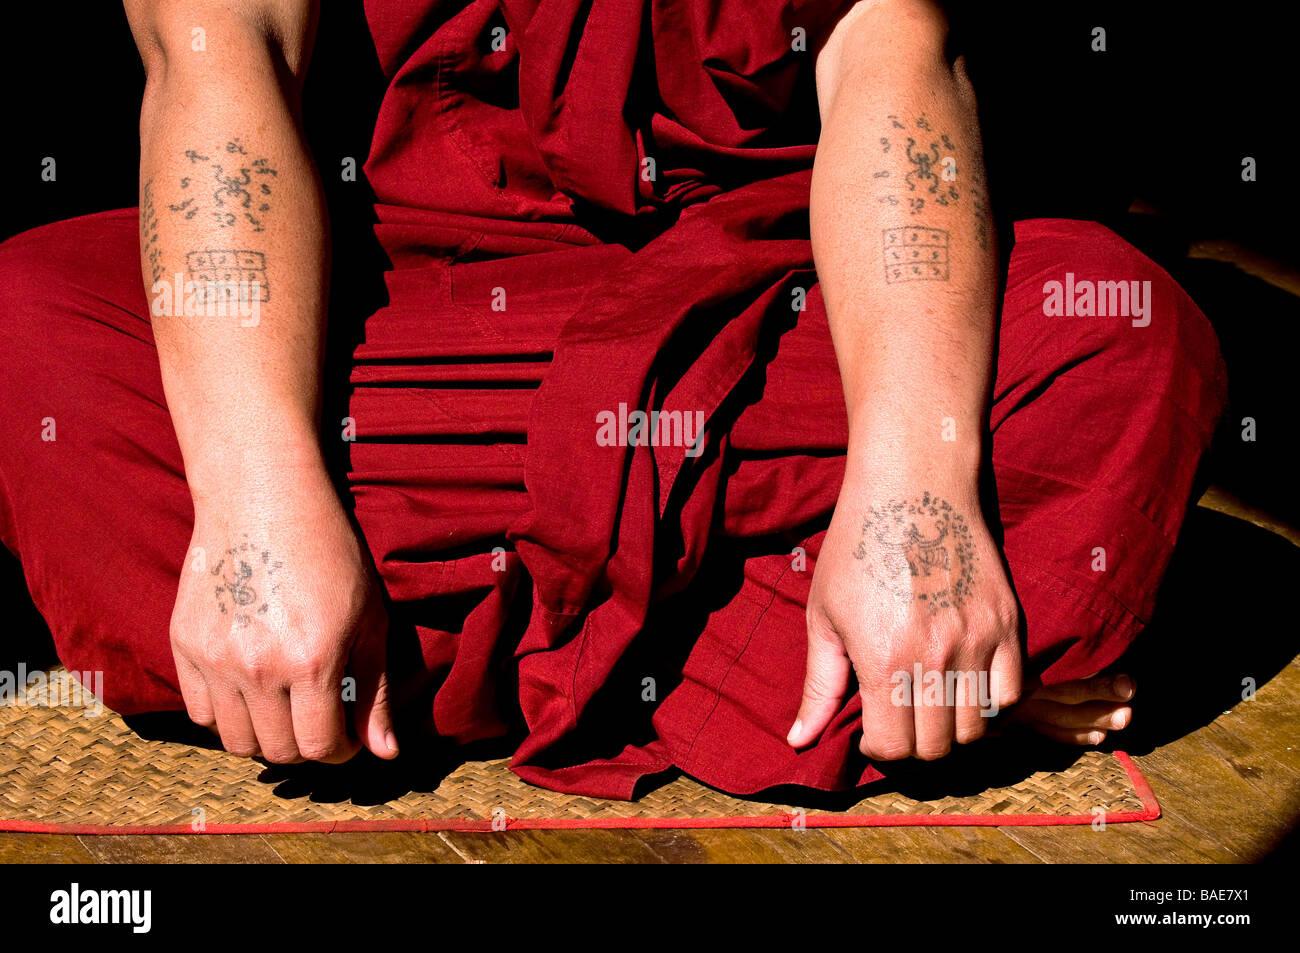 Burma Tattoos Stock Photos Burma Tattoos Stock Images Alamy